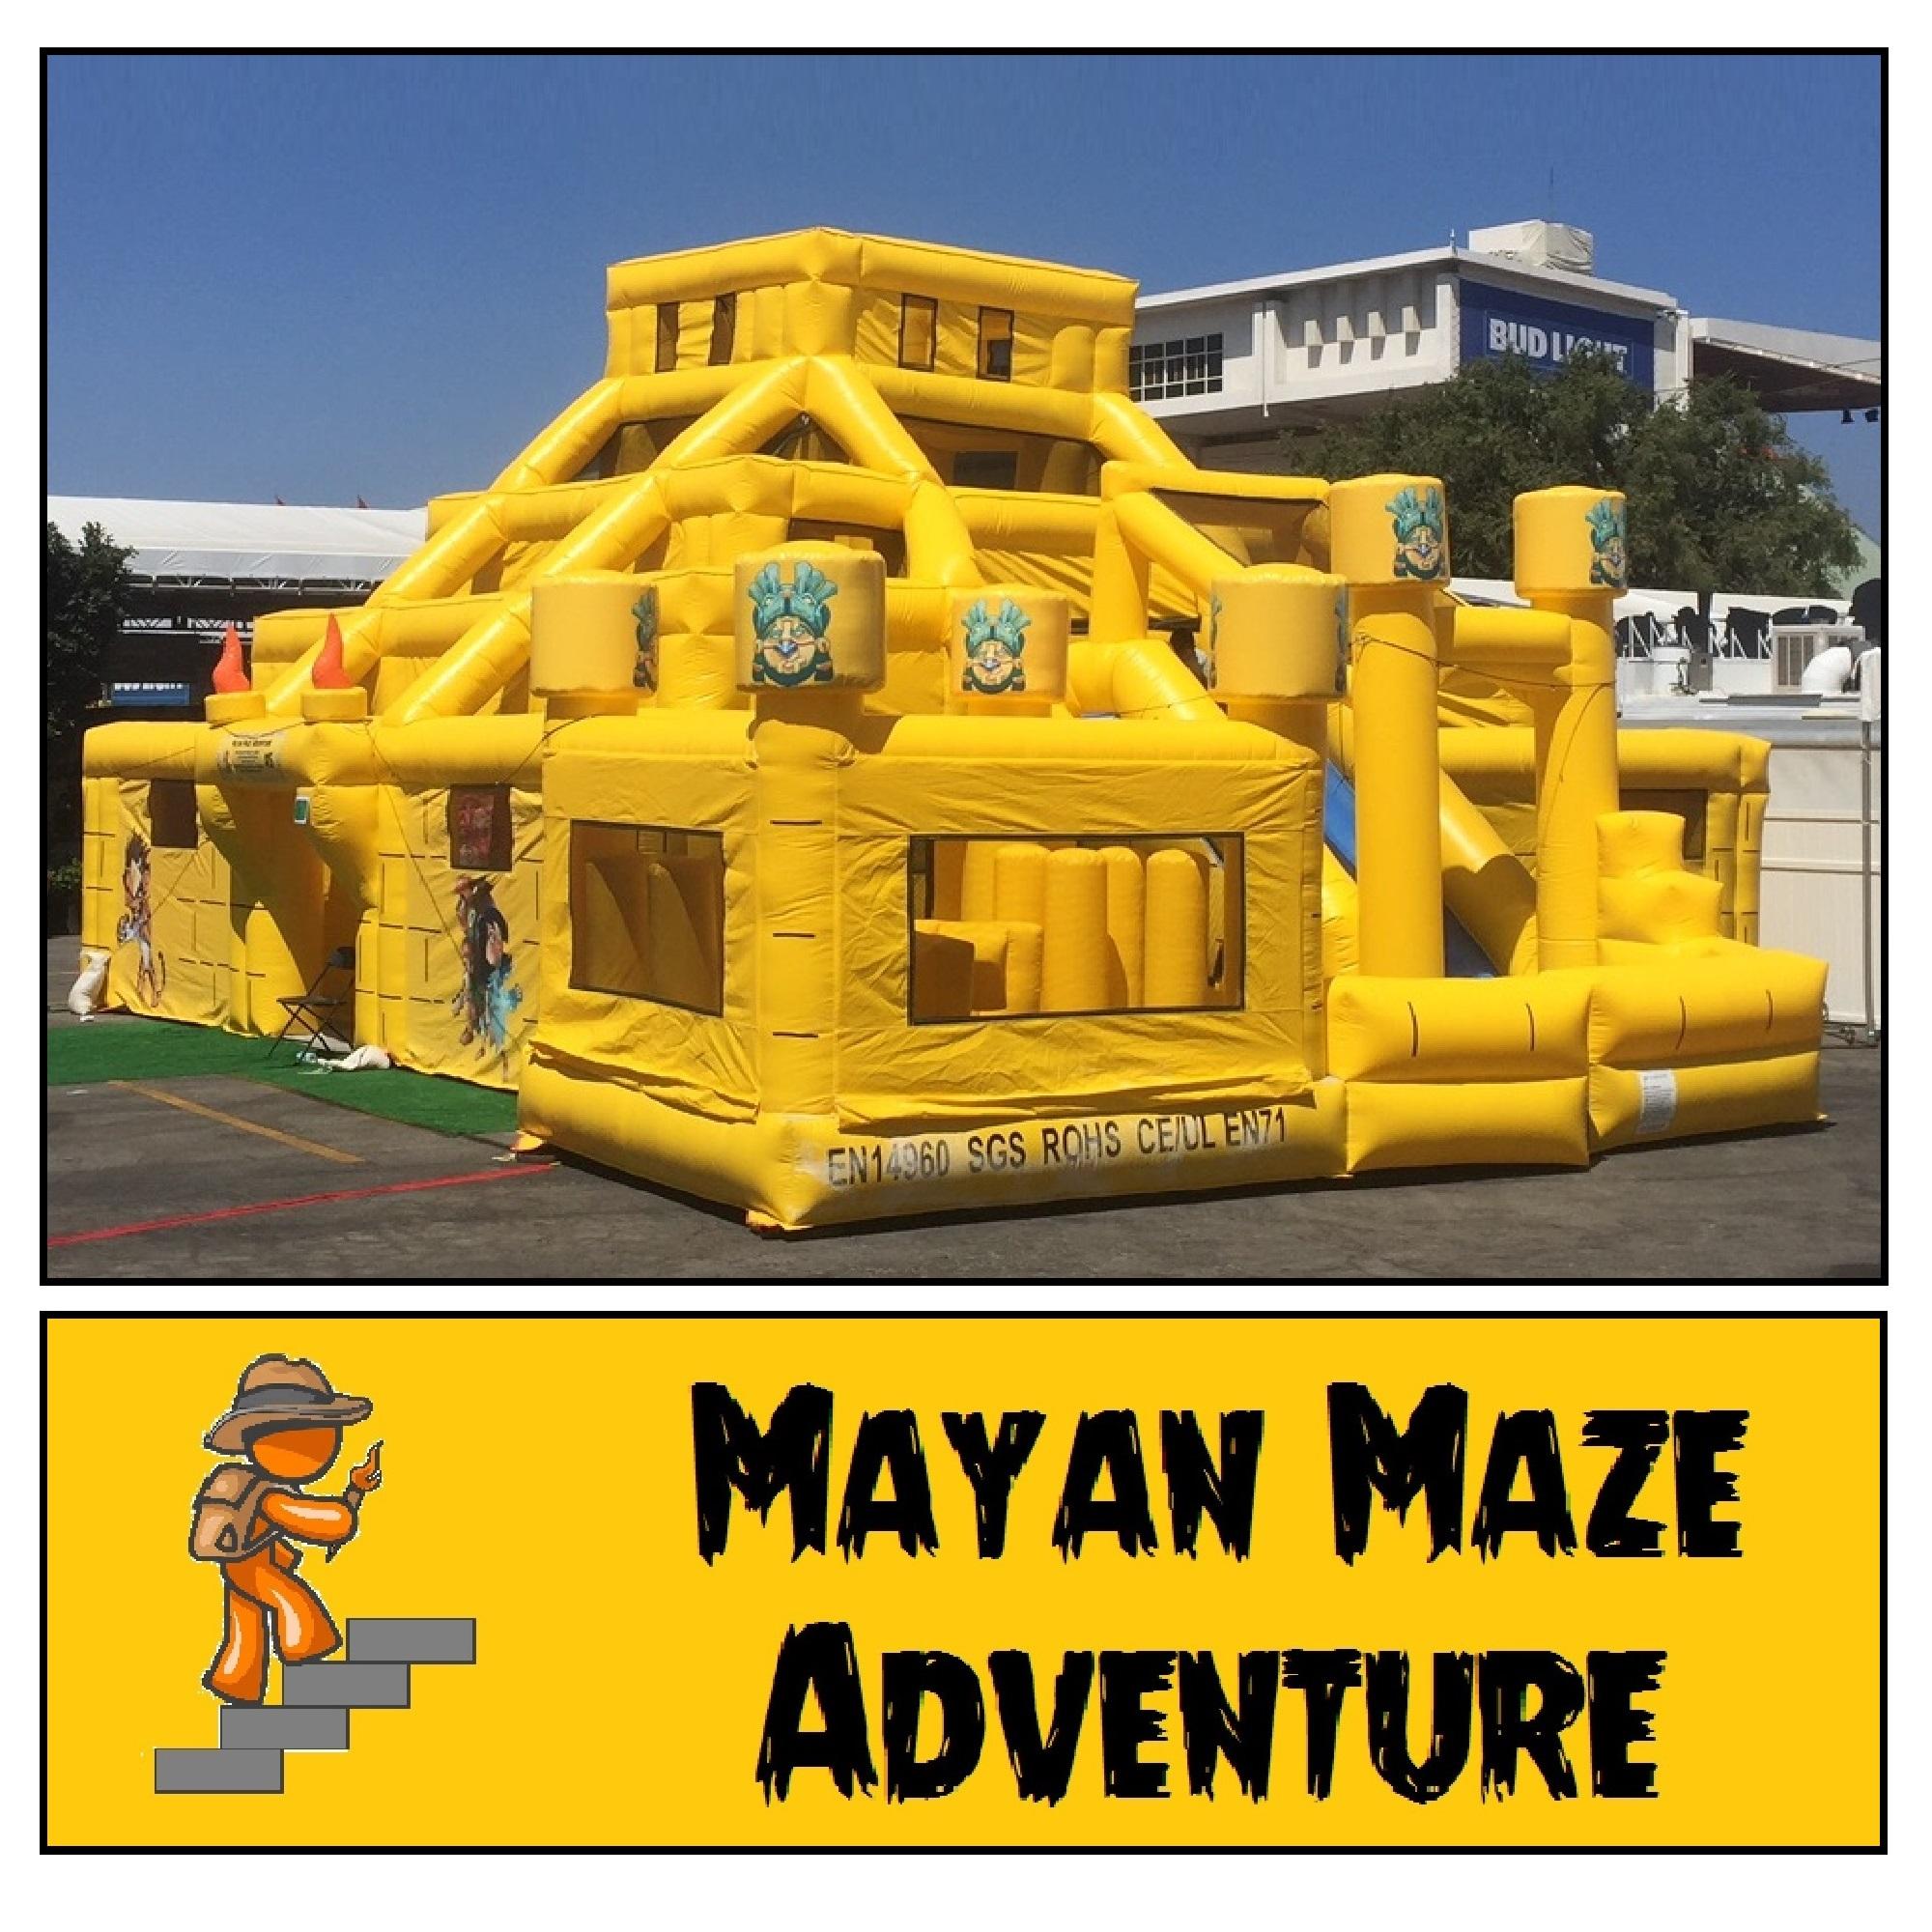 Mayan Maze